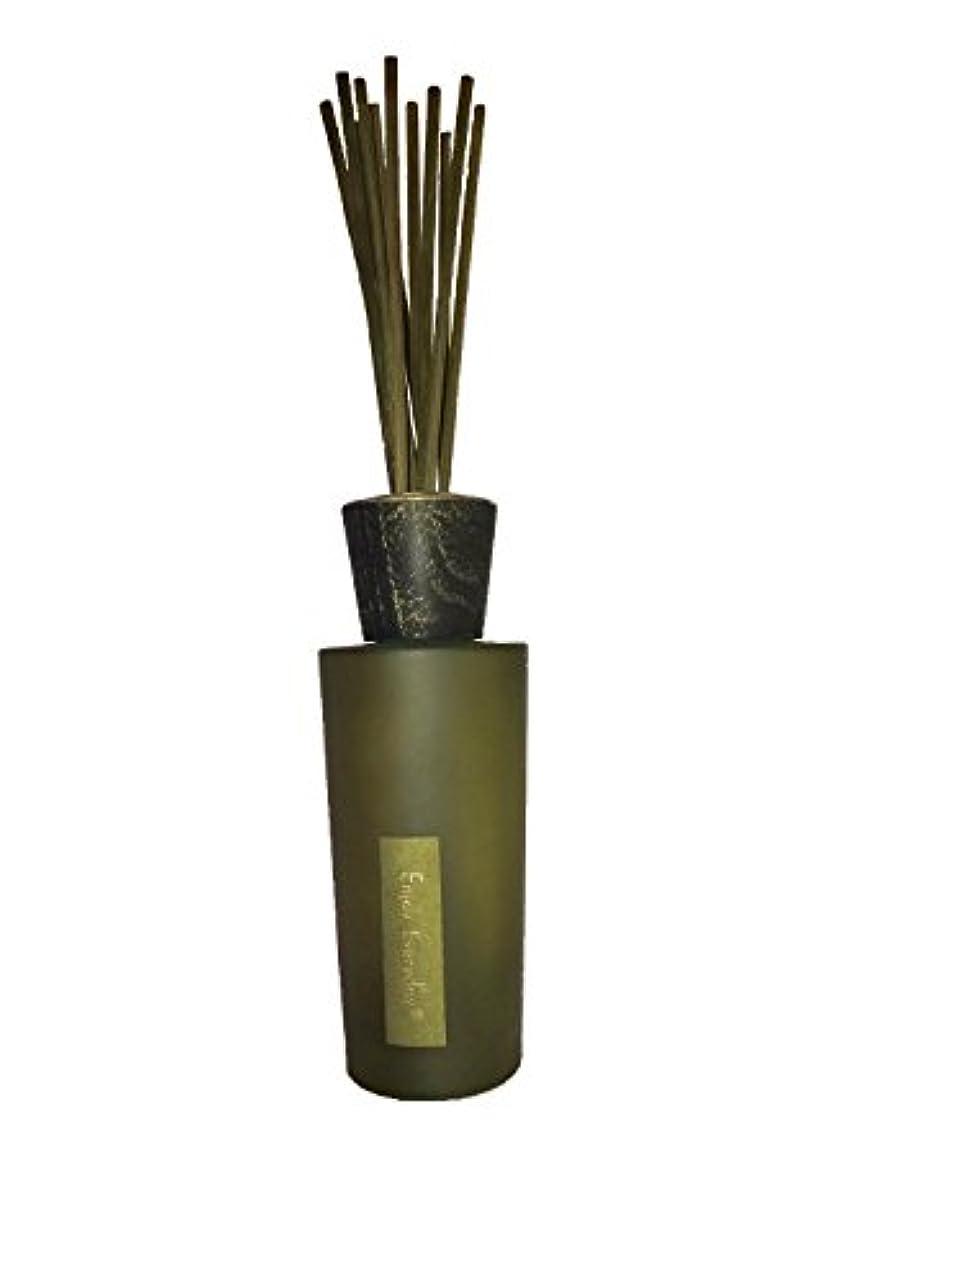 クスクス勝利キャスト40%OFF!【Branch of Aroma】100%天然アロマスティックディフューザー-9種の香り- (200ml) (Freshソープ)